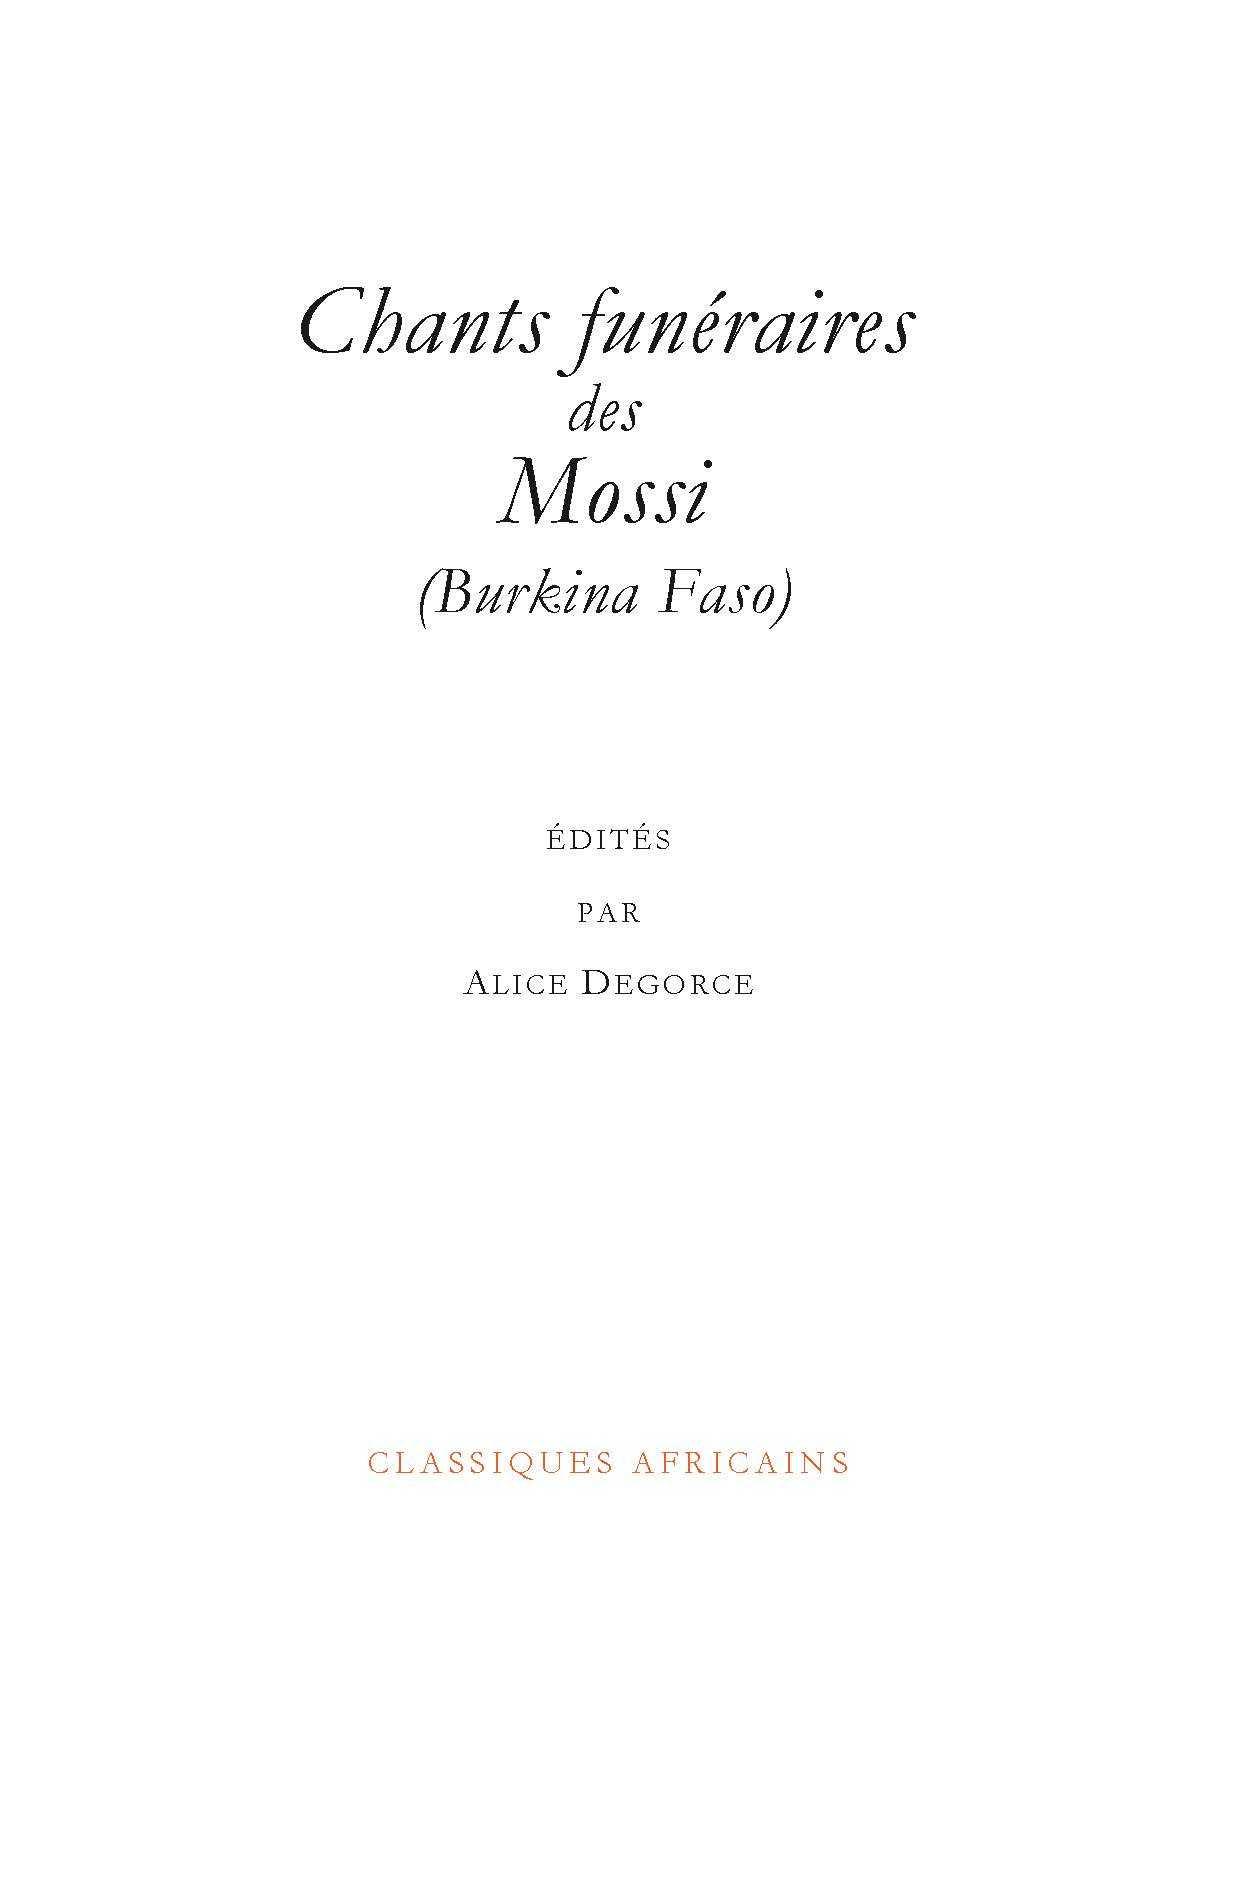 CHANTS FUNERAIRES DES MOSSI (BURKINA FASO)